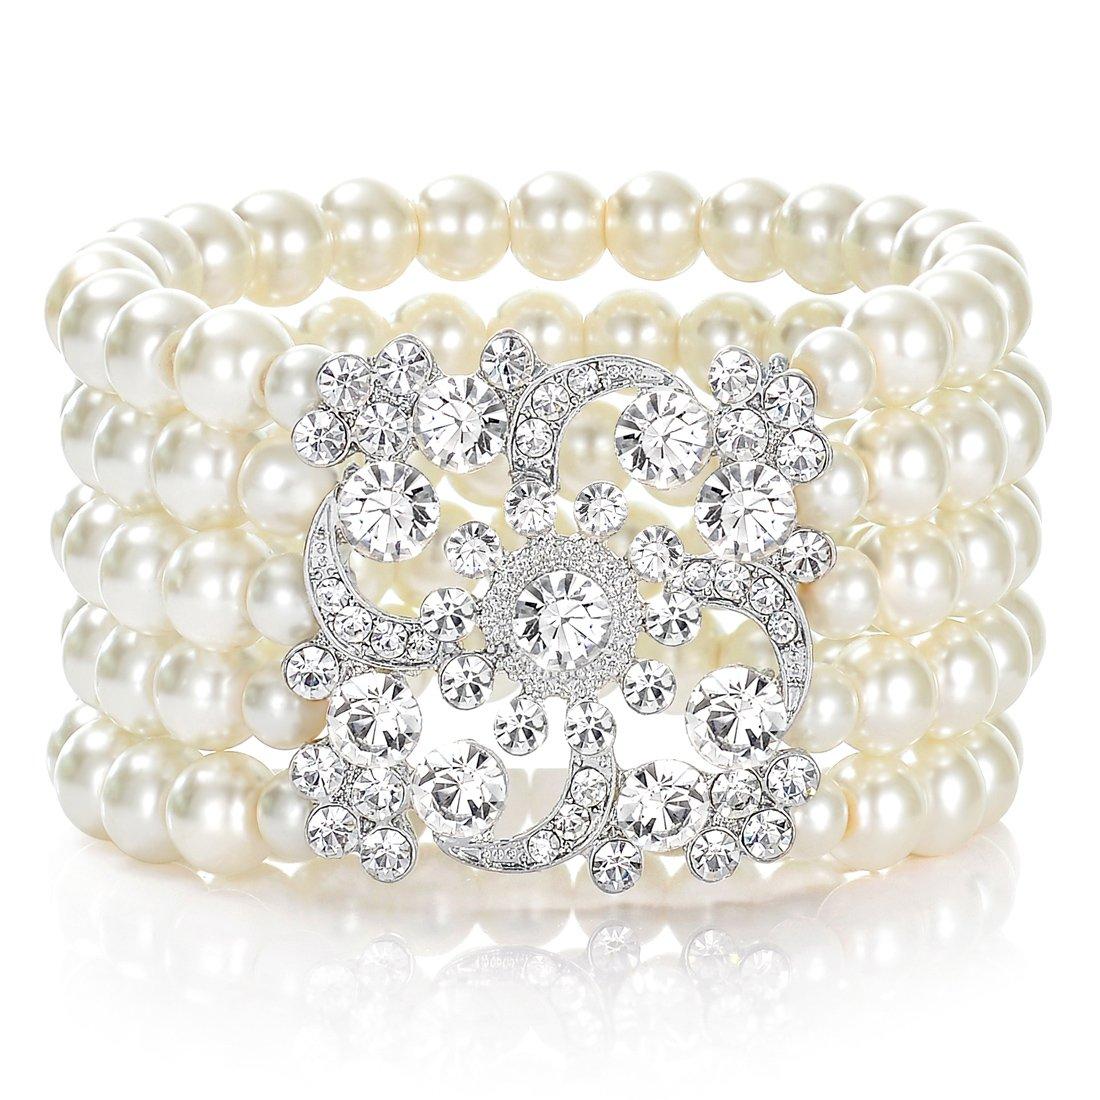 JaosWish Bracelet de Perles des années 1920 inspiré du Gatsby le Magnifique - Accessoires pour déguisement, pour mariage ou fête à thème, pour Femmes ZSZ80001